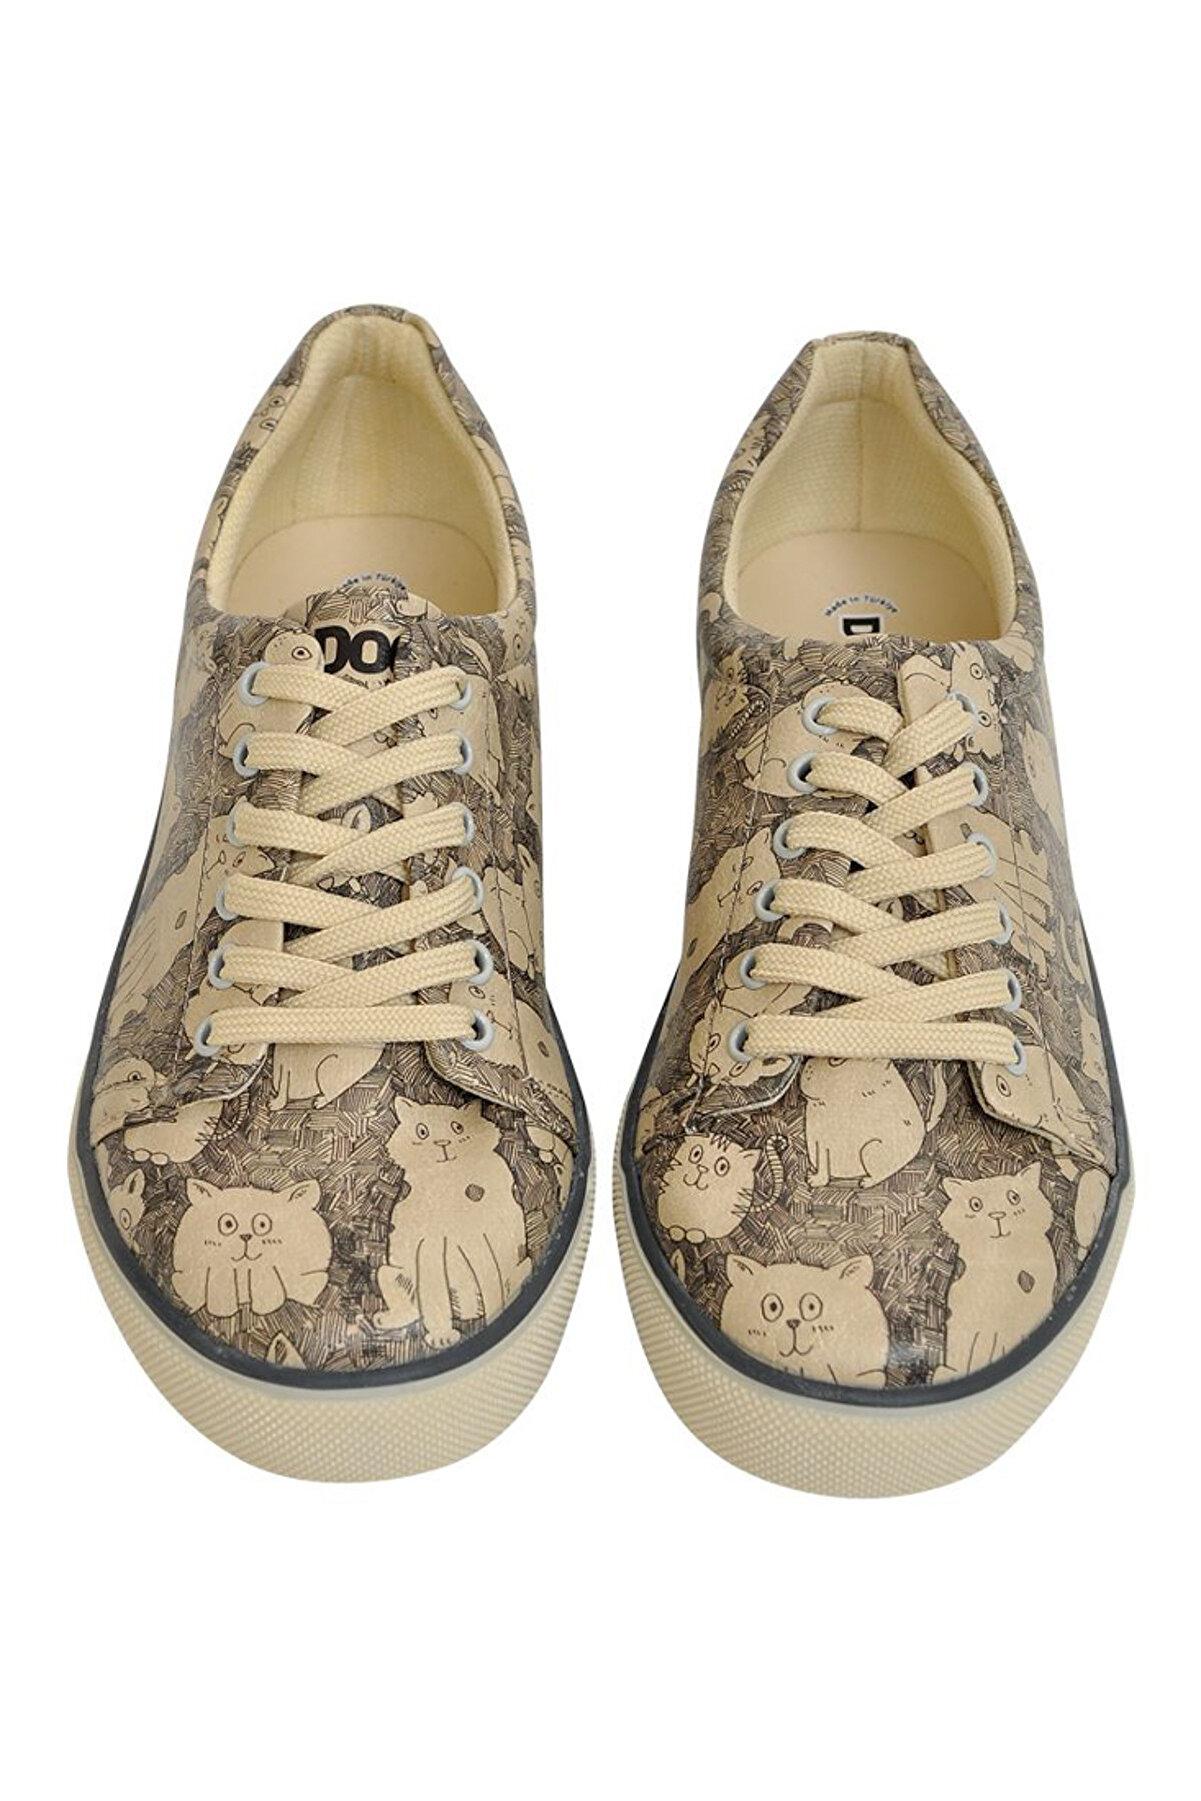 Dogo Its Raining Cats / Tasarım Baskılı Vegan / Sneakers Kadin Ayakkabi